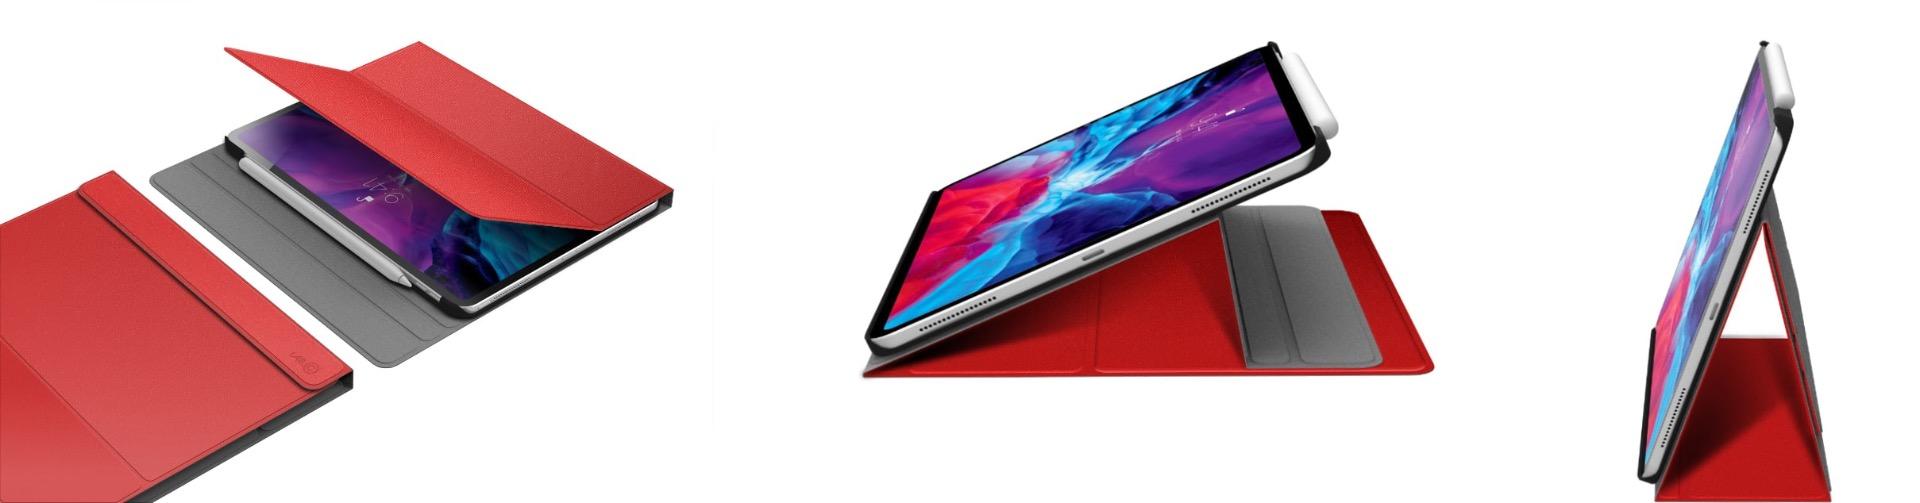 LAB.C Slim Fit Case for iPad Pro 11 (2020)